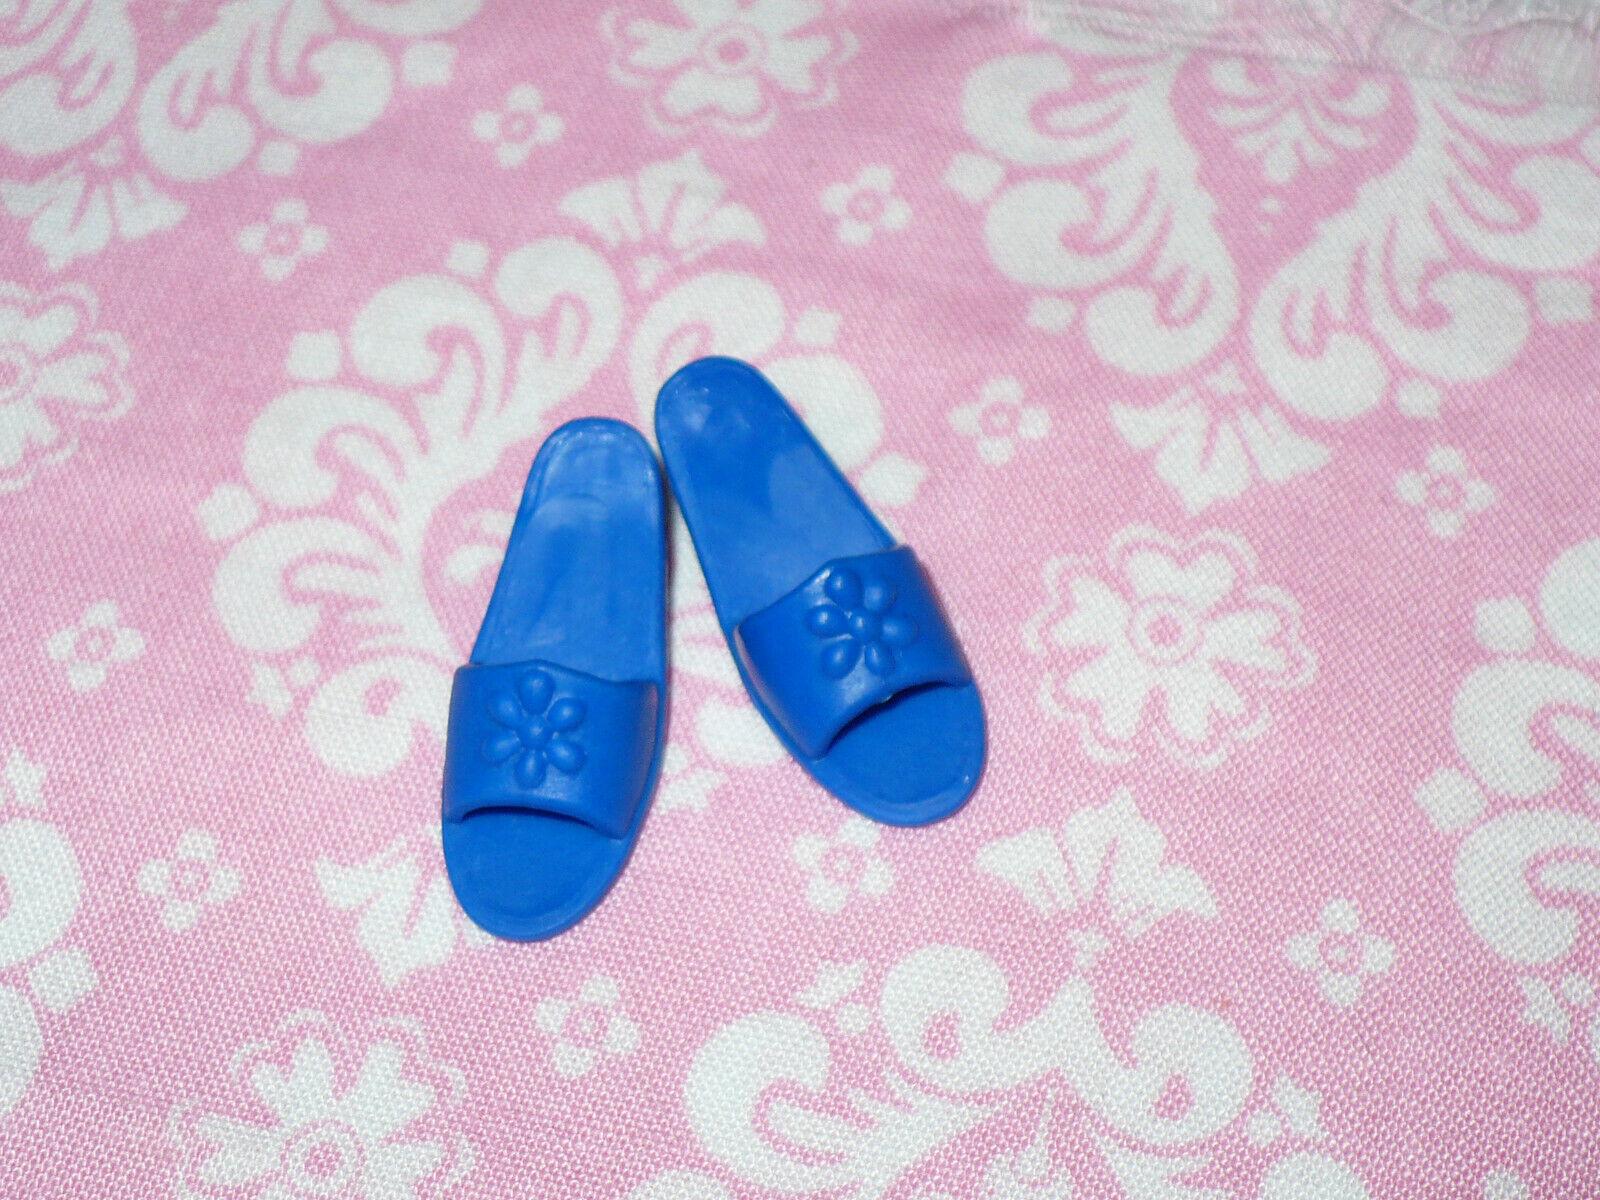 Mattel Barbie Doll Shoes Vintage TEEN SKIPPER FLAT FEET BLUE SLIDES SANDALS - $10.39